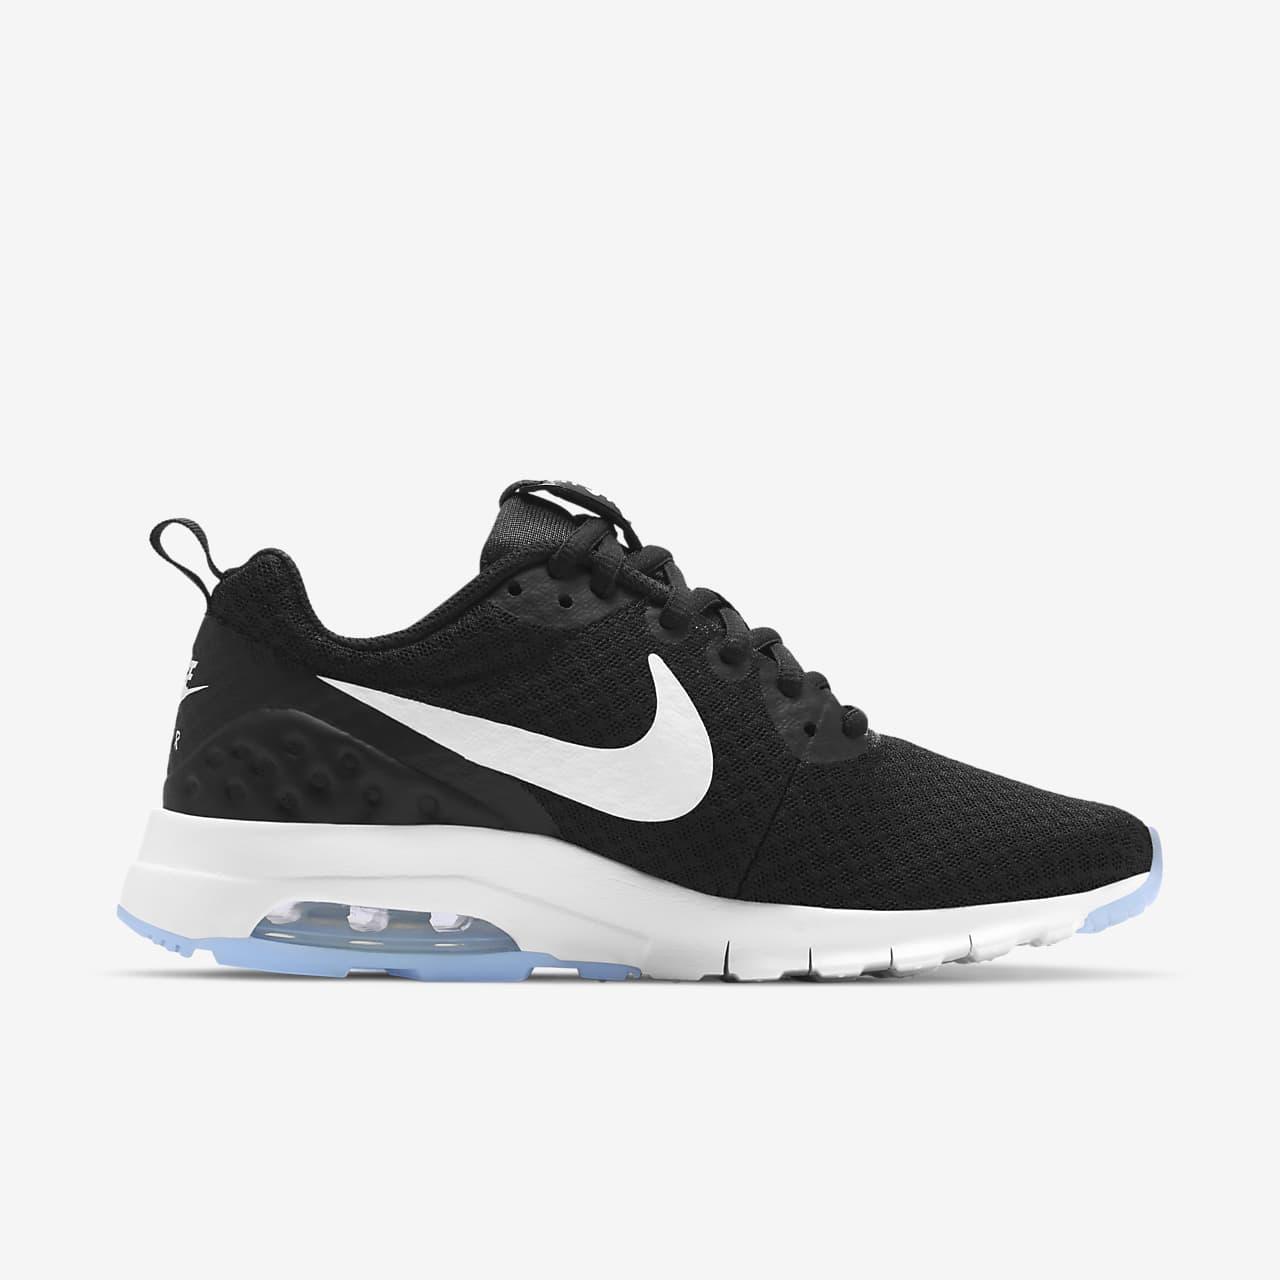 Schuhe Nike Air Max Motion LV (GS) 917650 101